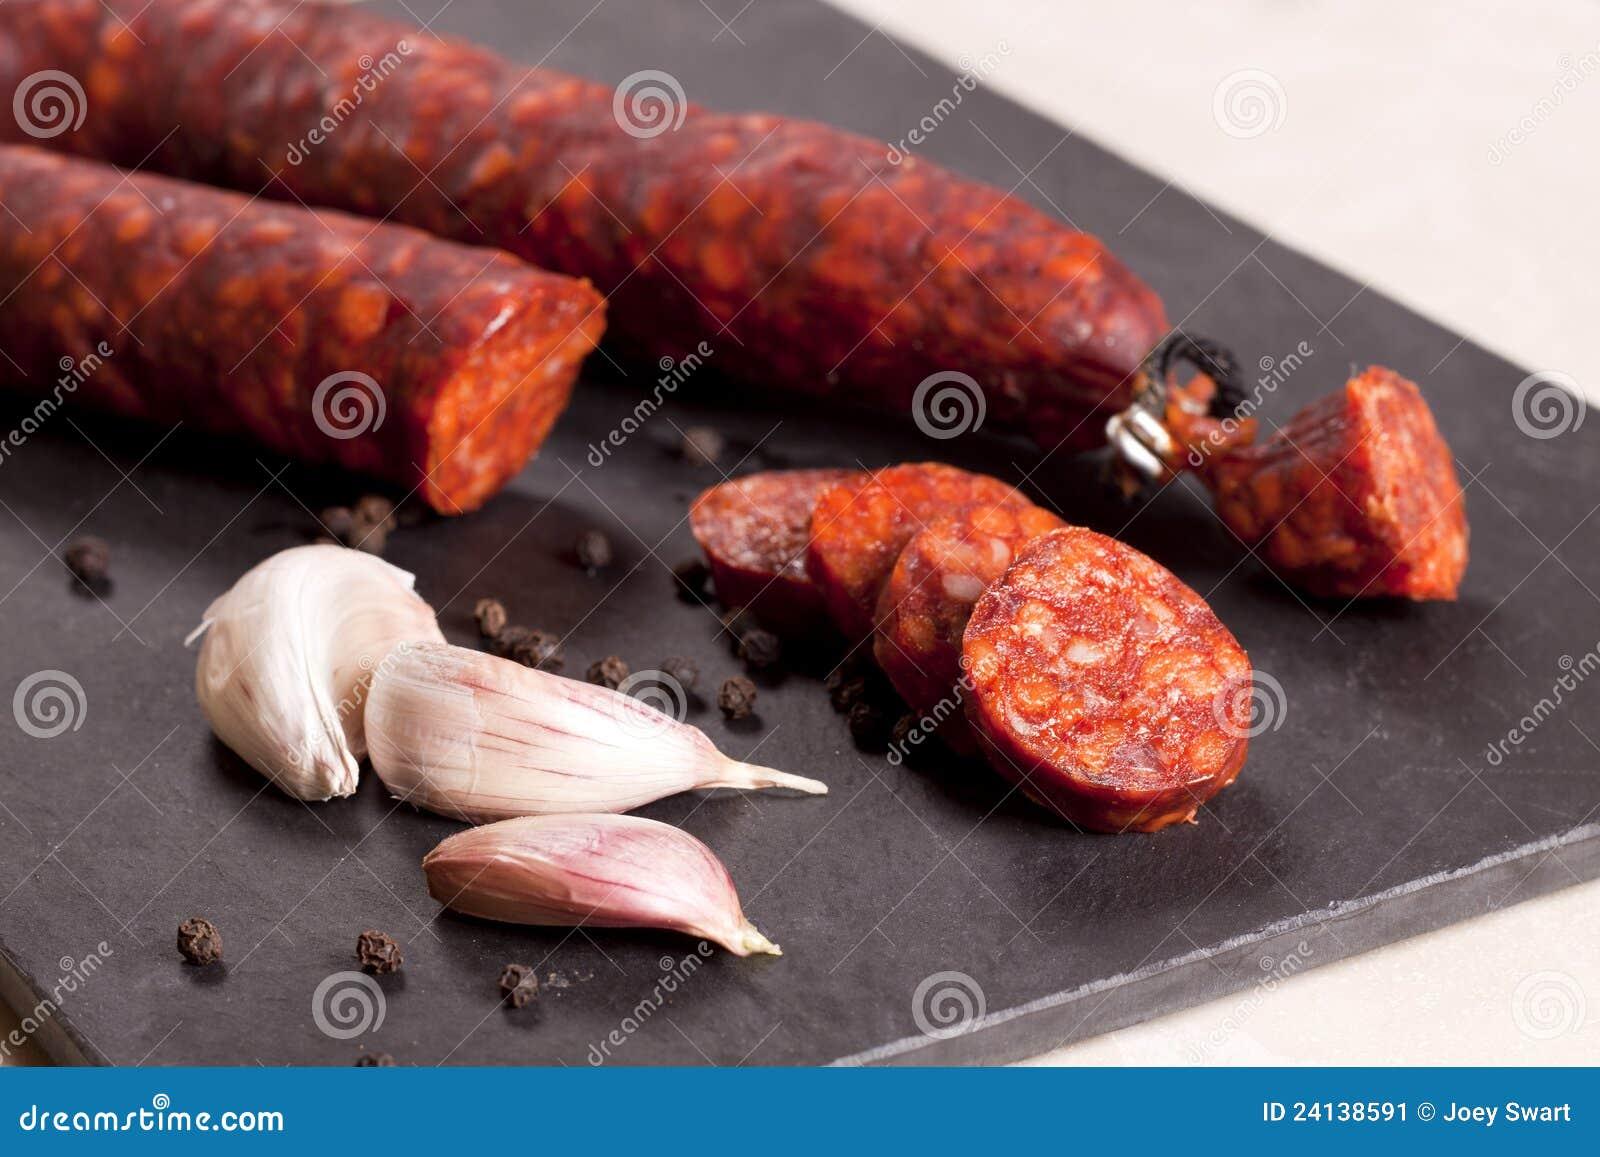 Chorizo spanish